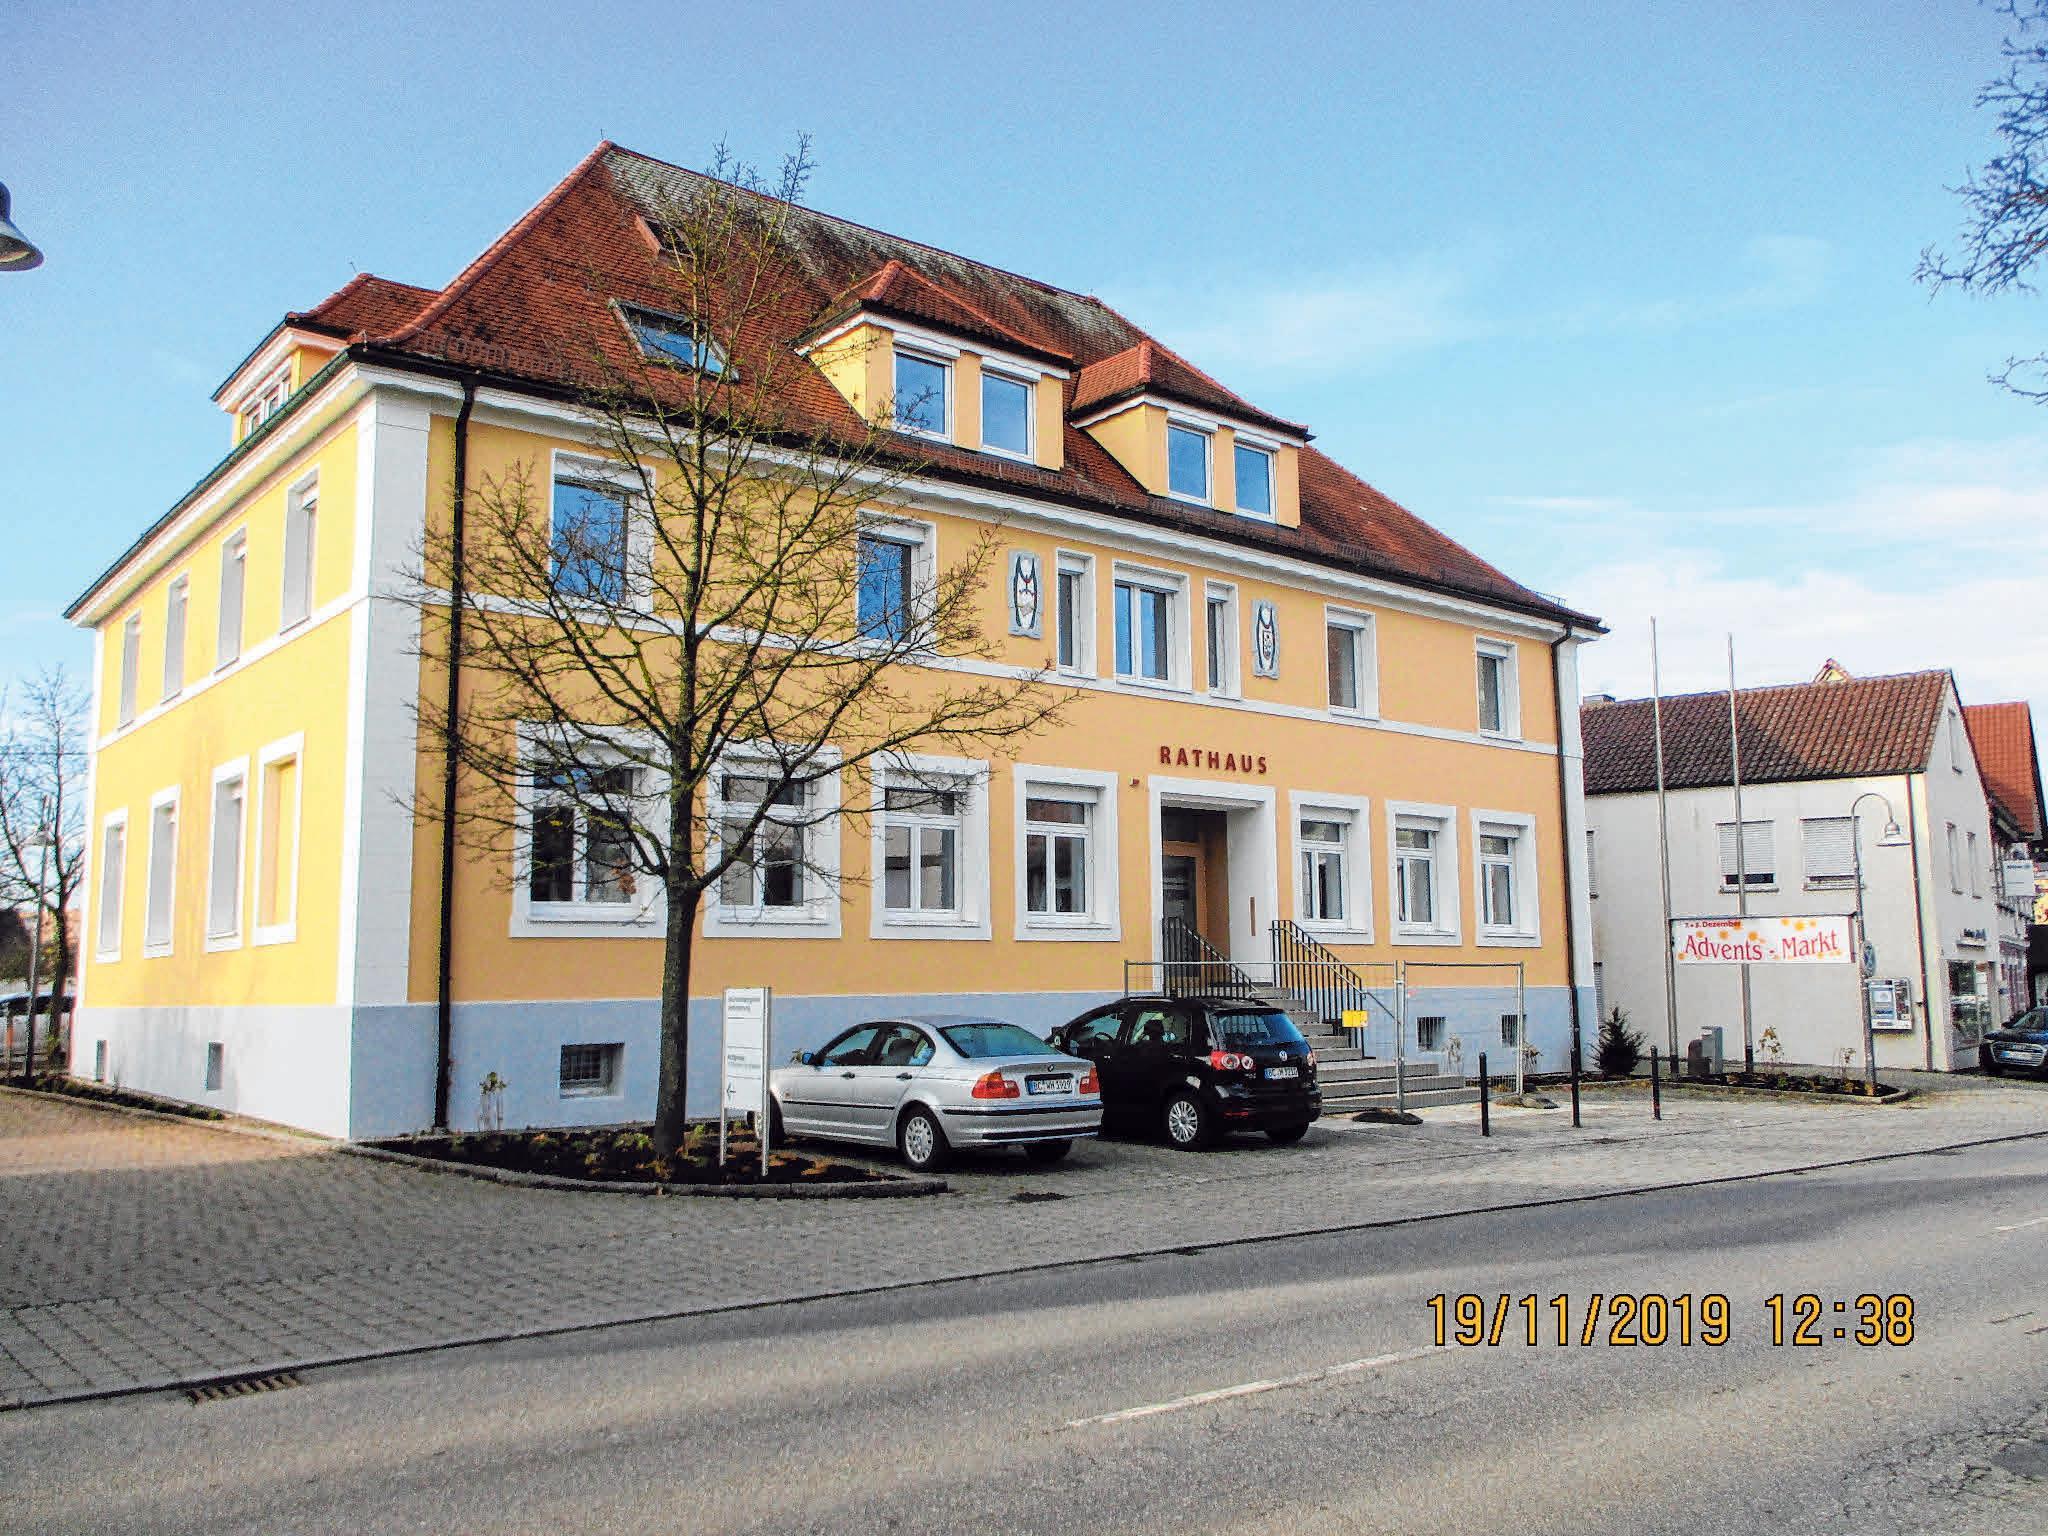 Beim Tag der offenen Tür ist auch das renovierte Rathaus dabei Image 1